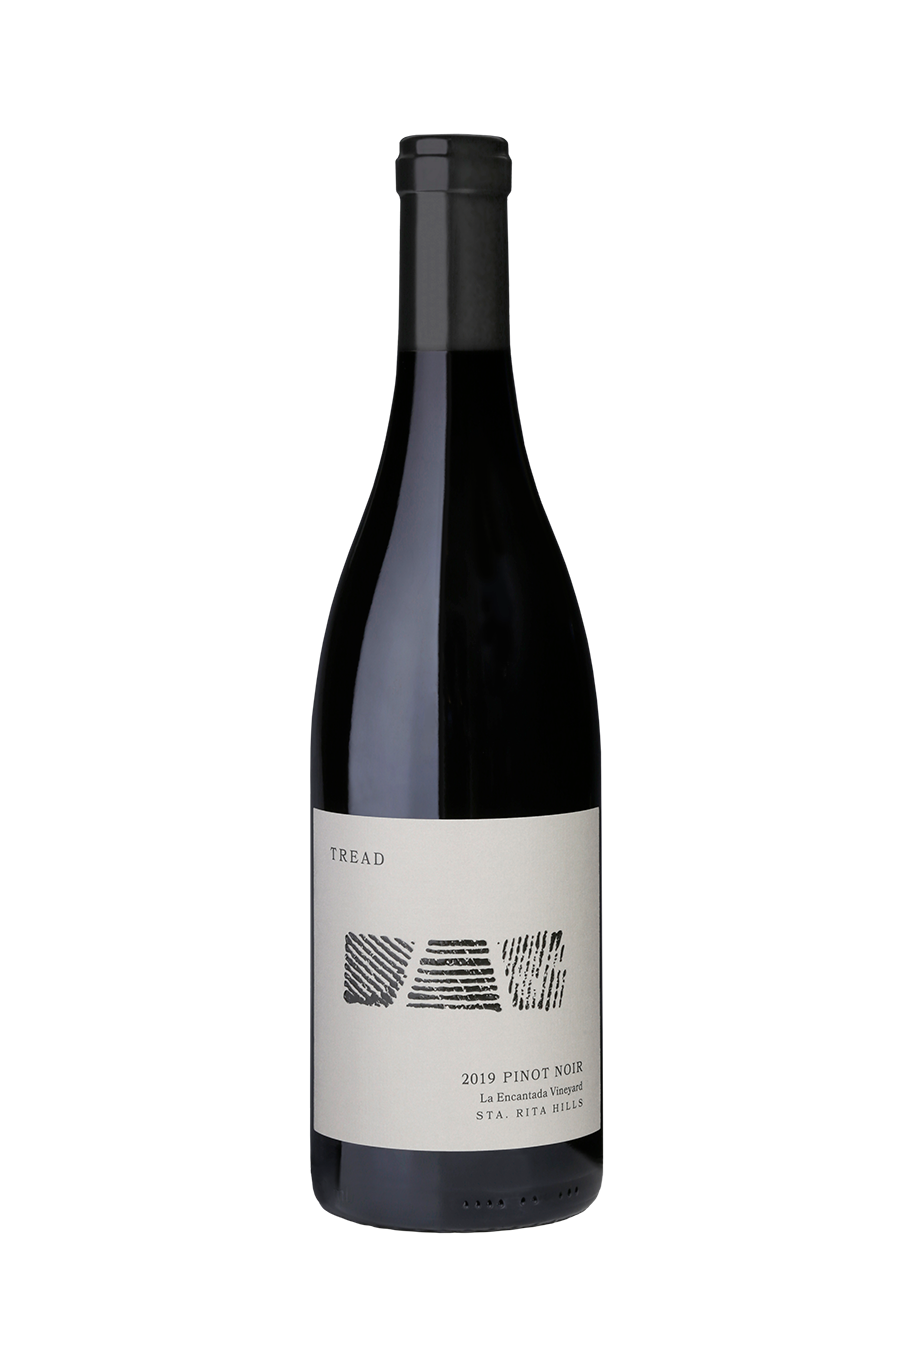 2019 TREAD La Encantada Pinot Noir Bottle Shot